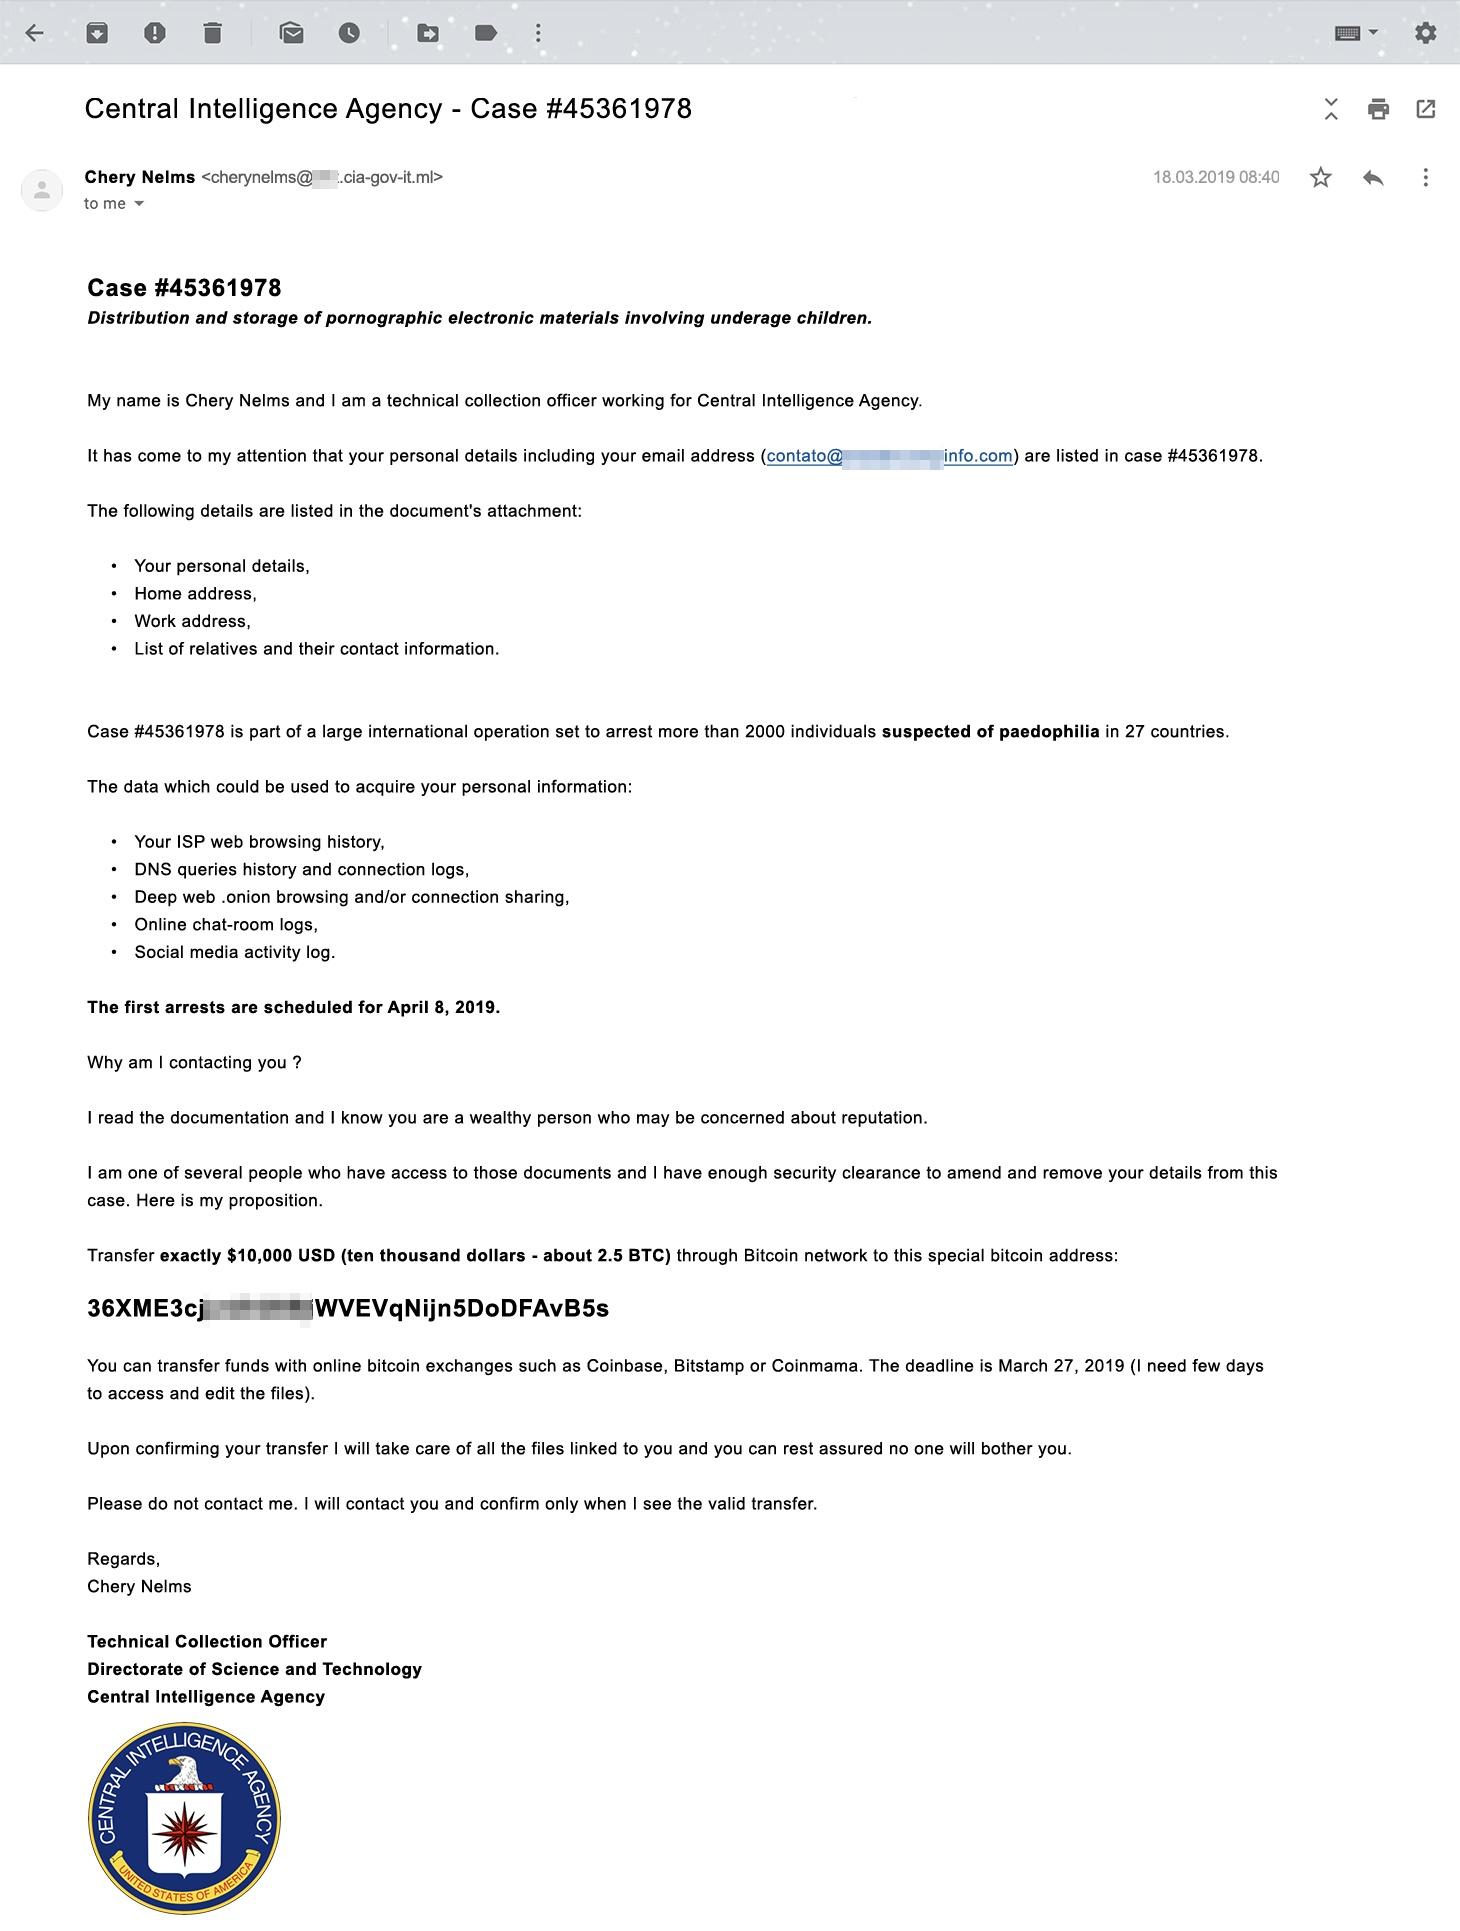 Un ejemplo del correo de extorsión que amenaza con arrestarte por poseer pornografía infantil.